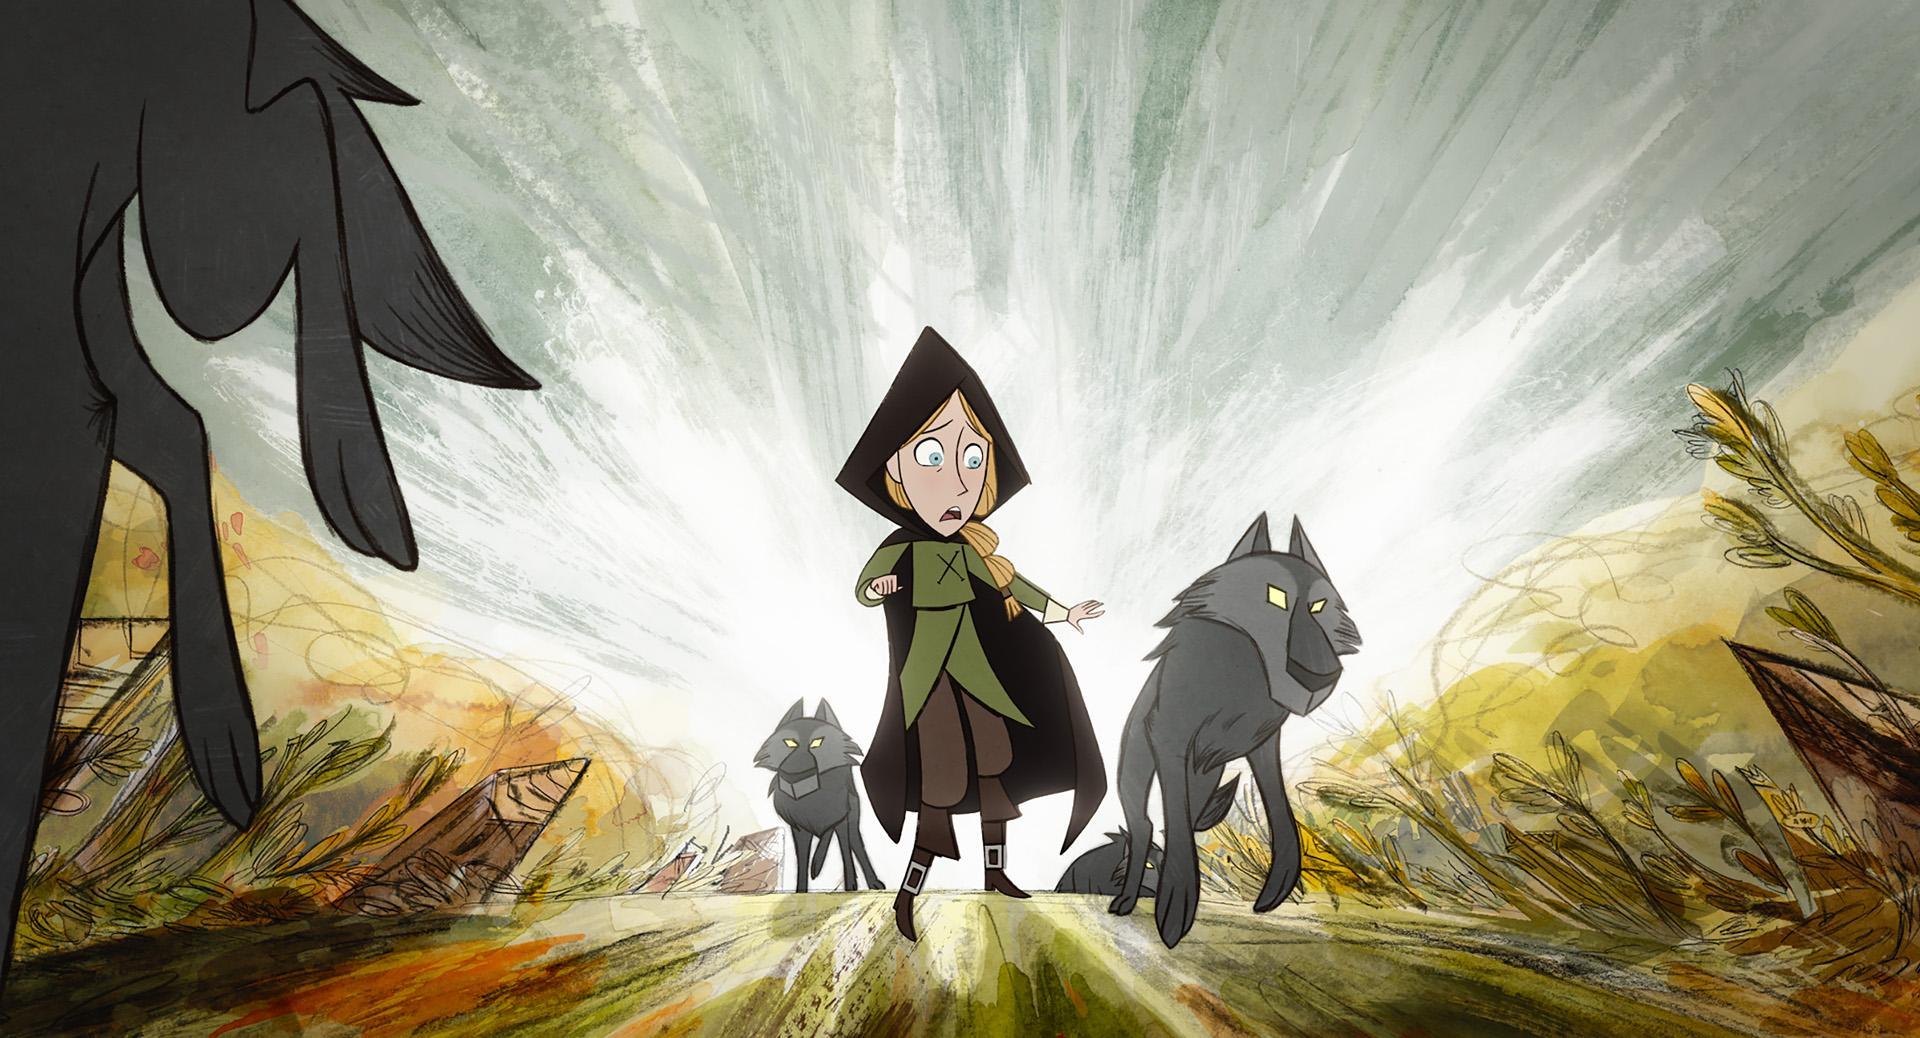 Filmrecensie 'Wolfwalkers':Prachtige animatie en een indrukwekkend verhaal